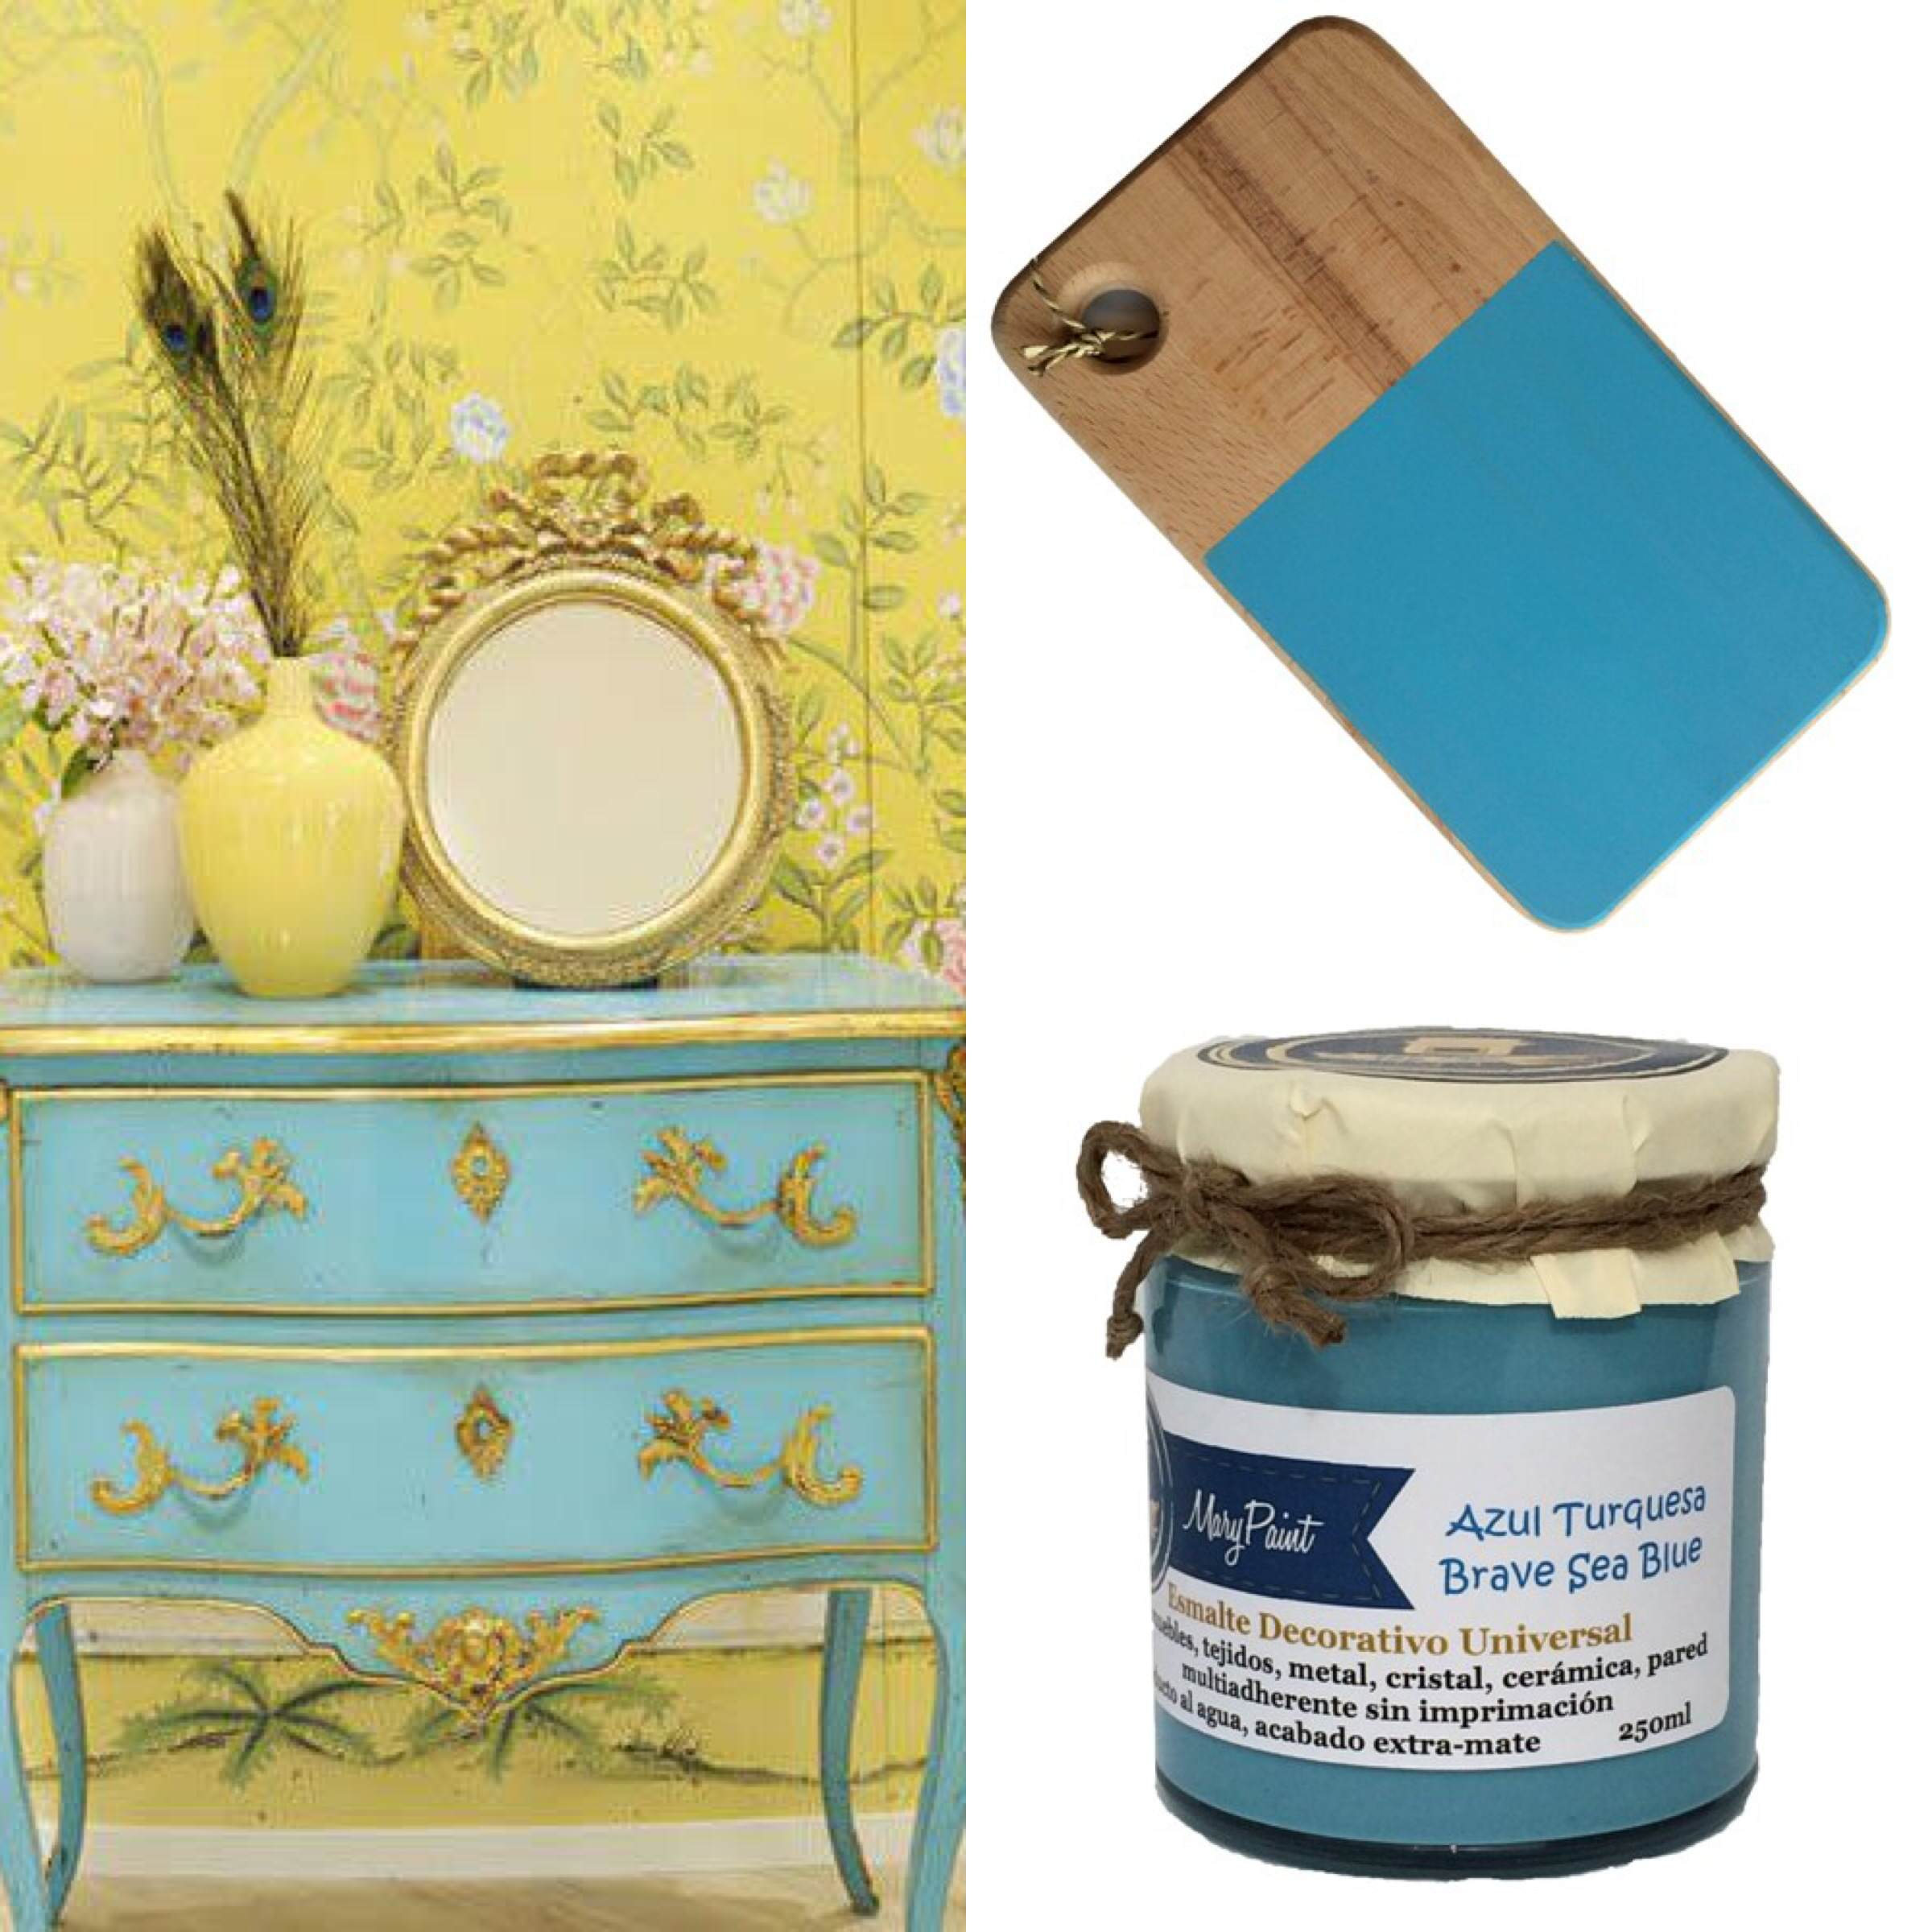 Comedor ideas de pintura roja - Pintar Muebles De Azul Turquesa